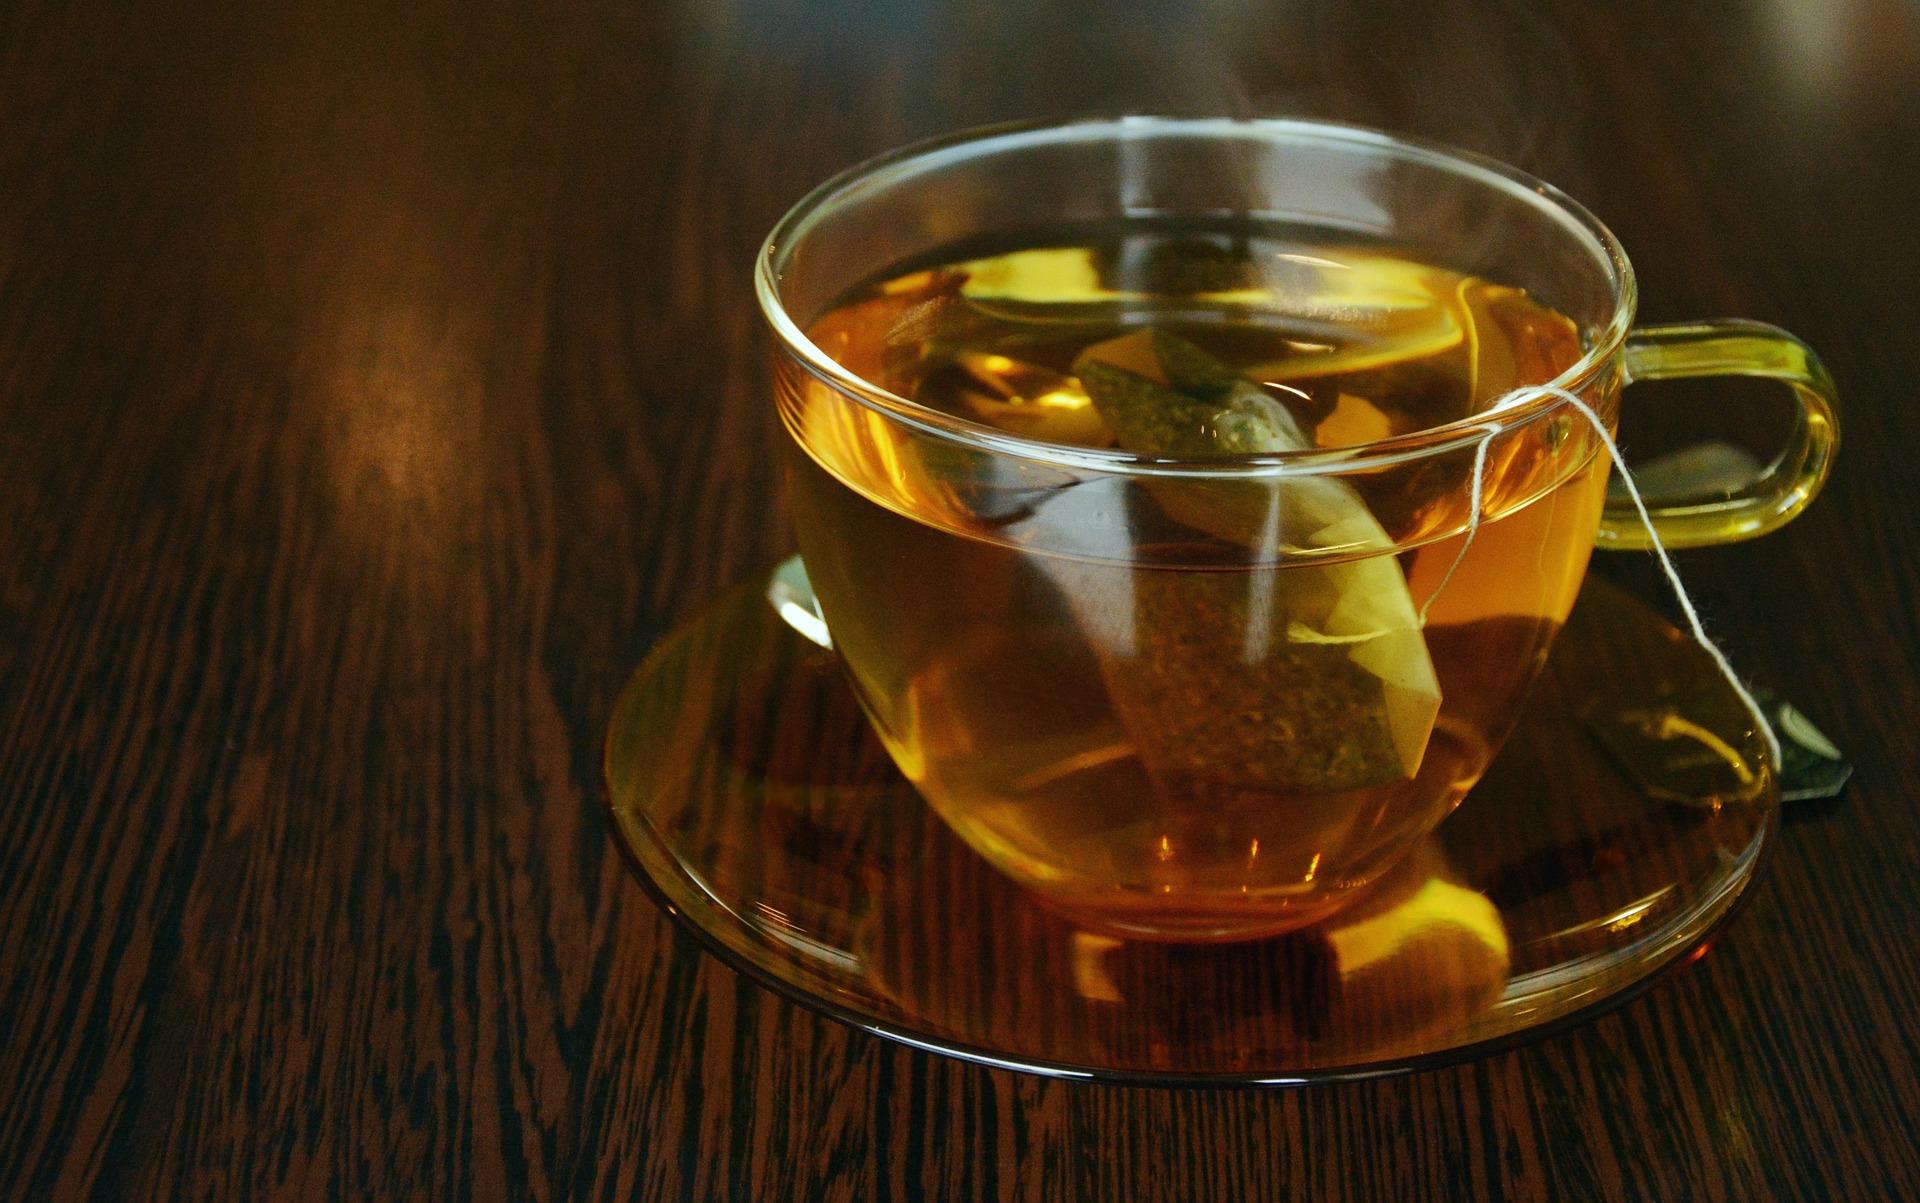 Polacy kochają herbatę – 80% pije ją codziennie